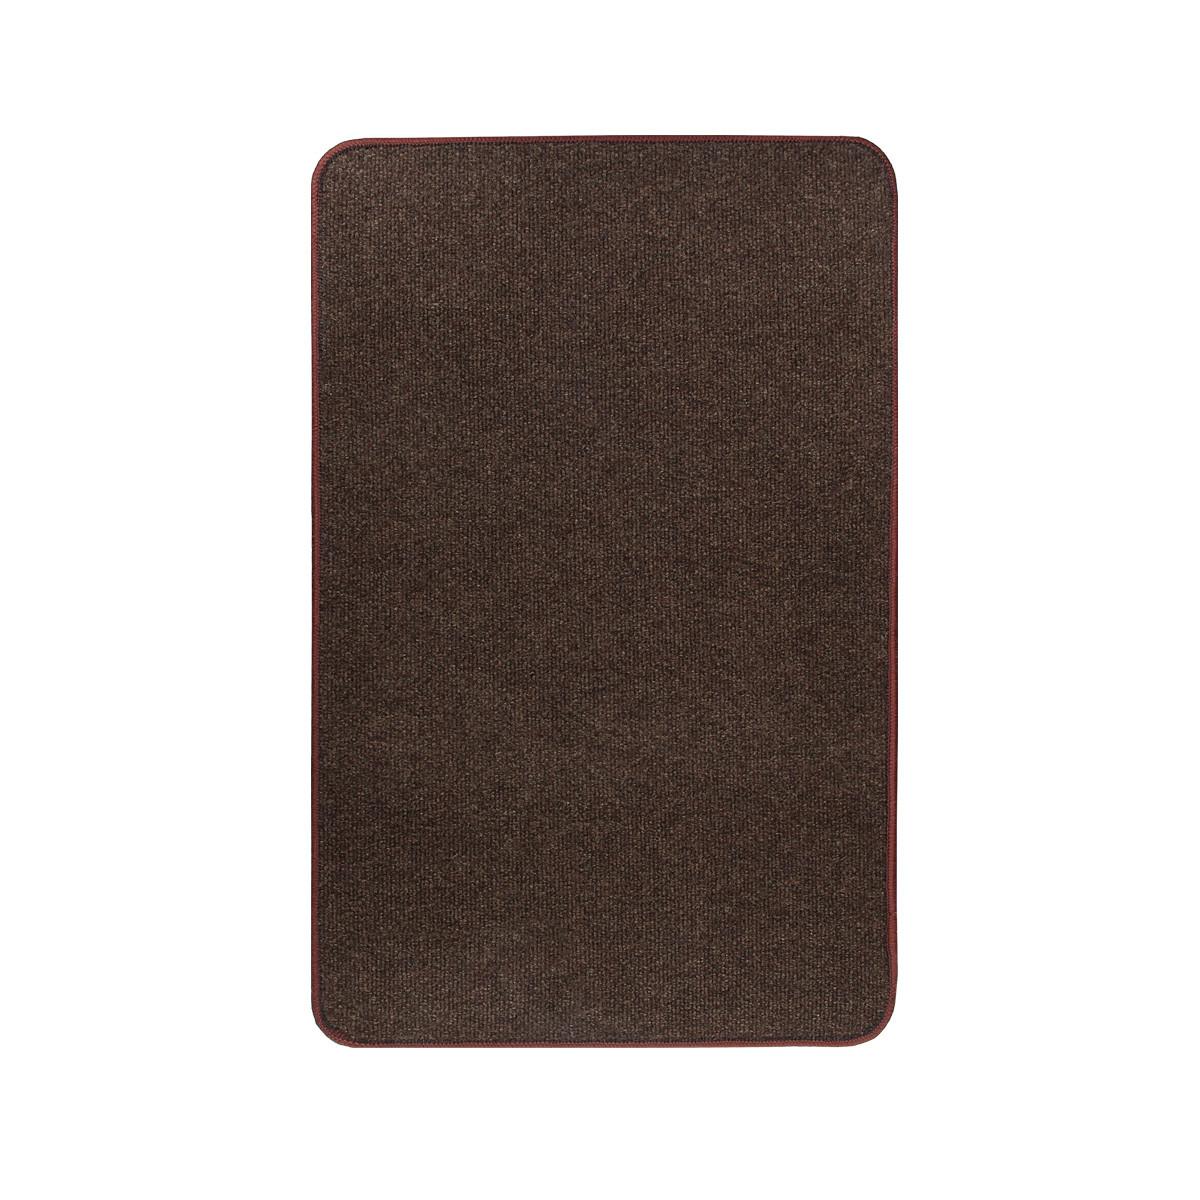 Электрический коврик с подогревом Теплик с термоизоляцией 50 х 80 см Темно-коричневый